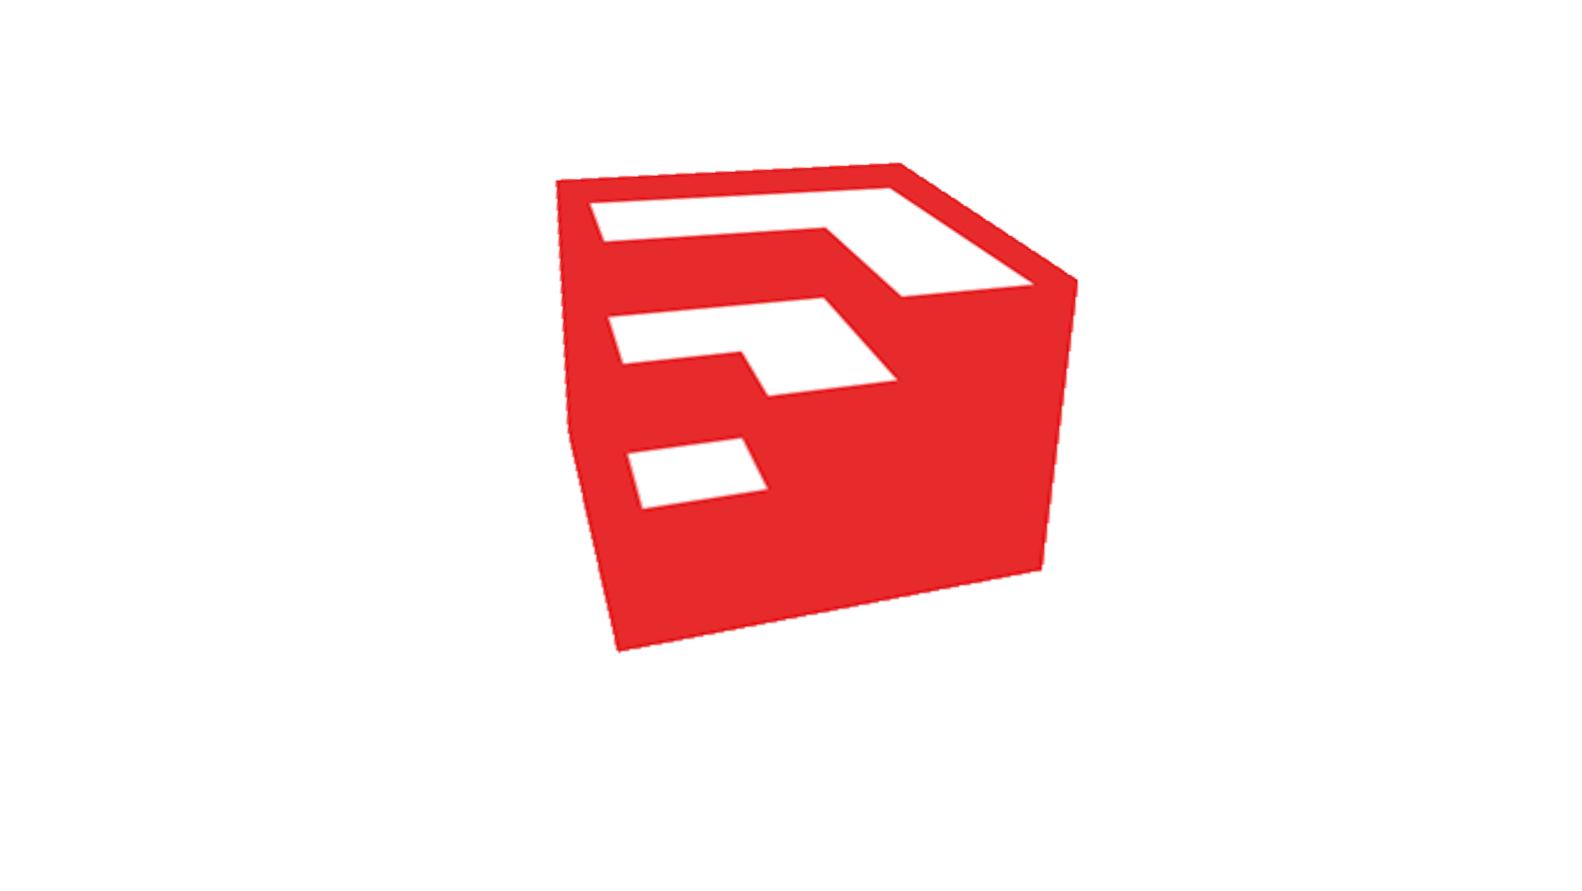 Untitled.png1582x891 60.4 KB - Sketchup Logo PNG - Sketchup Logo Vector PNG